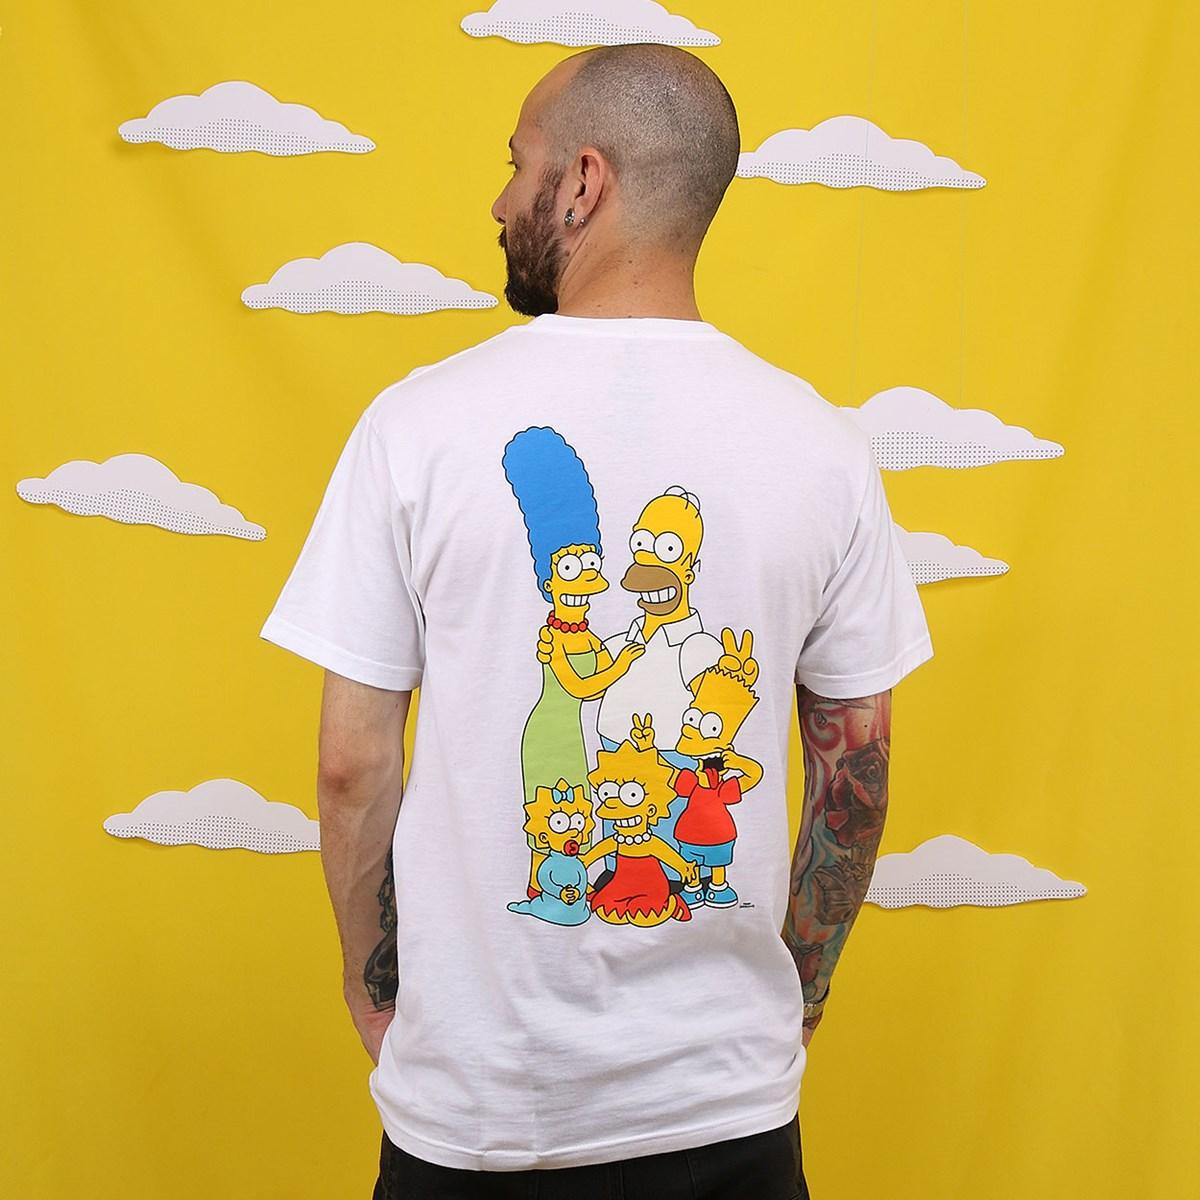 Camiseta Vans The Simpsons Family Manga Curta White VN0A4RTOZZZ